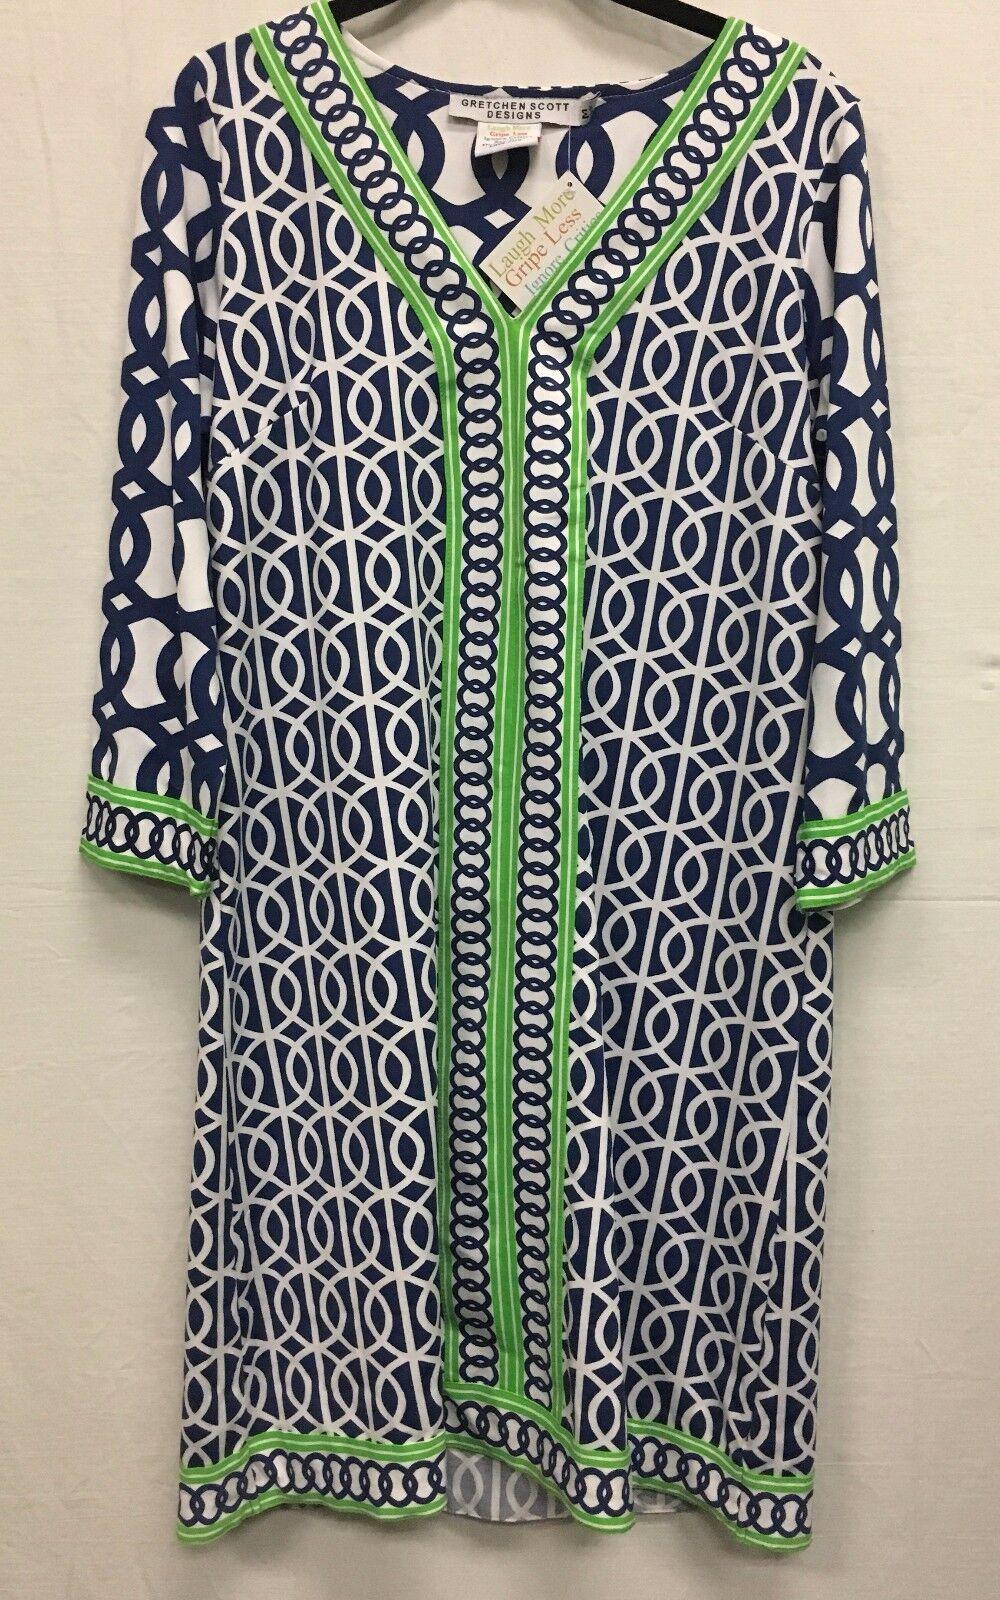 Gretchen Scott Split Cuello  Jersey Vestido Túnica Azul Marino blancoo Lima círculos impresión  nuevo   precio razonable